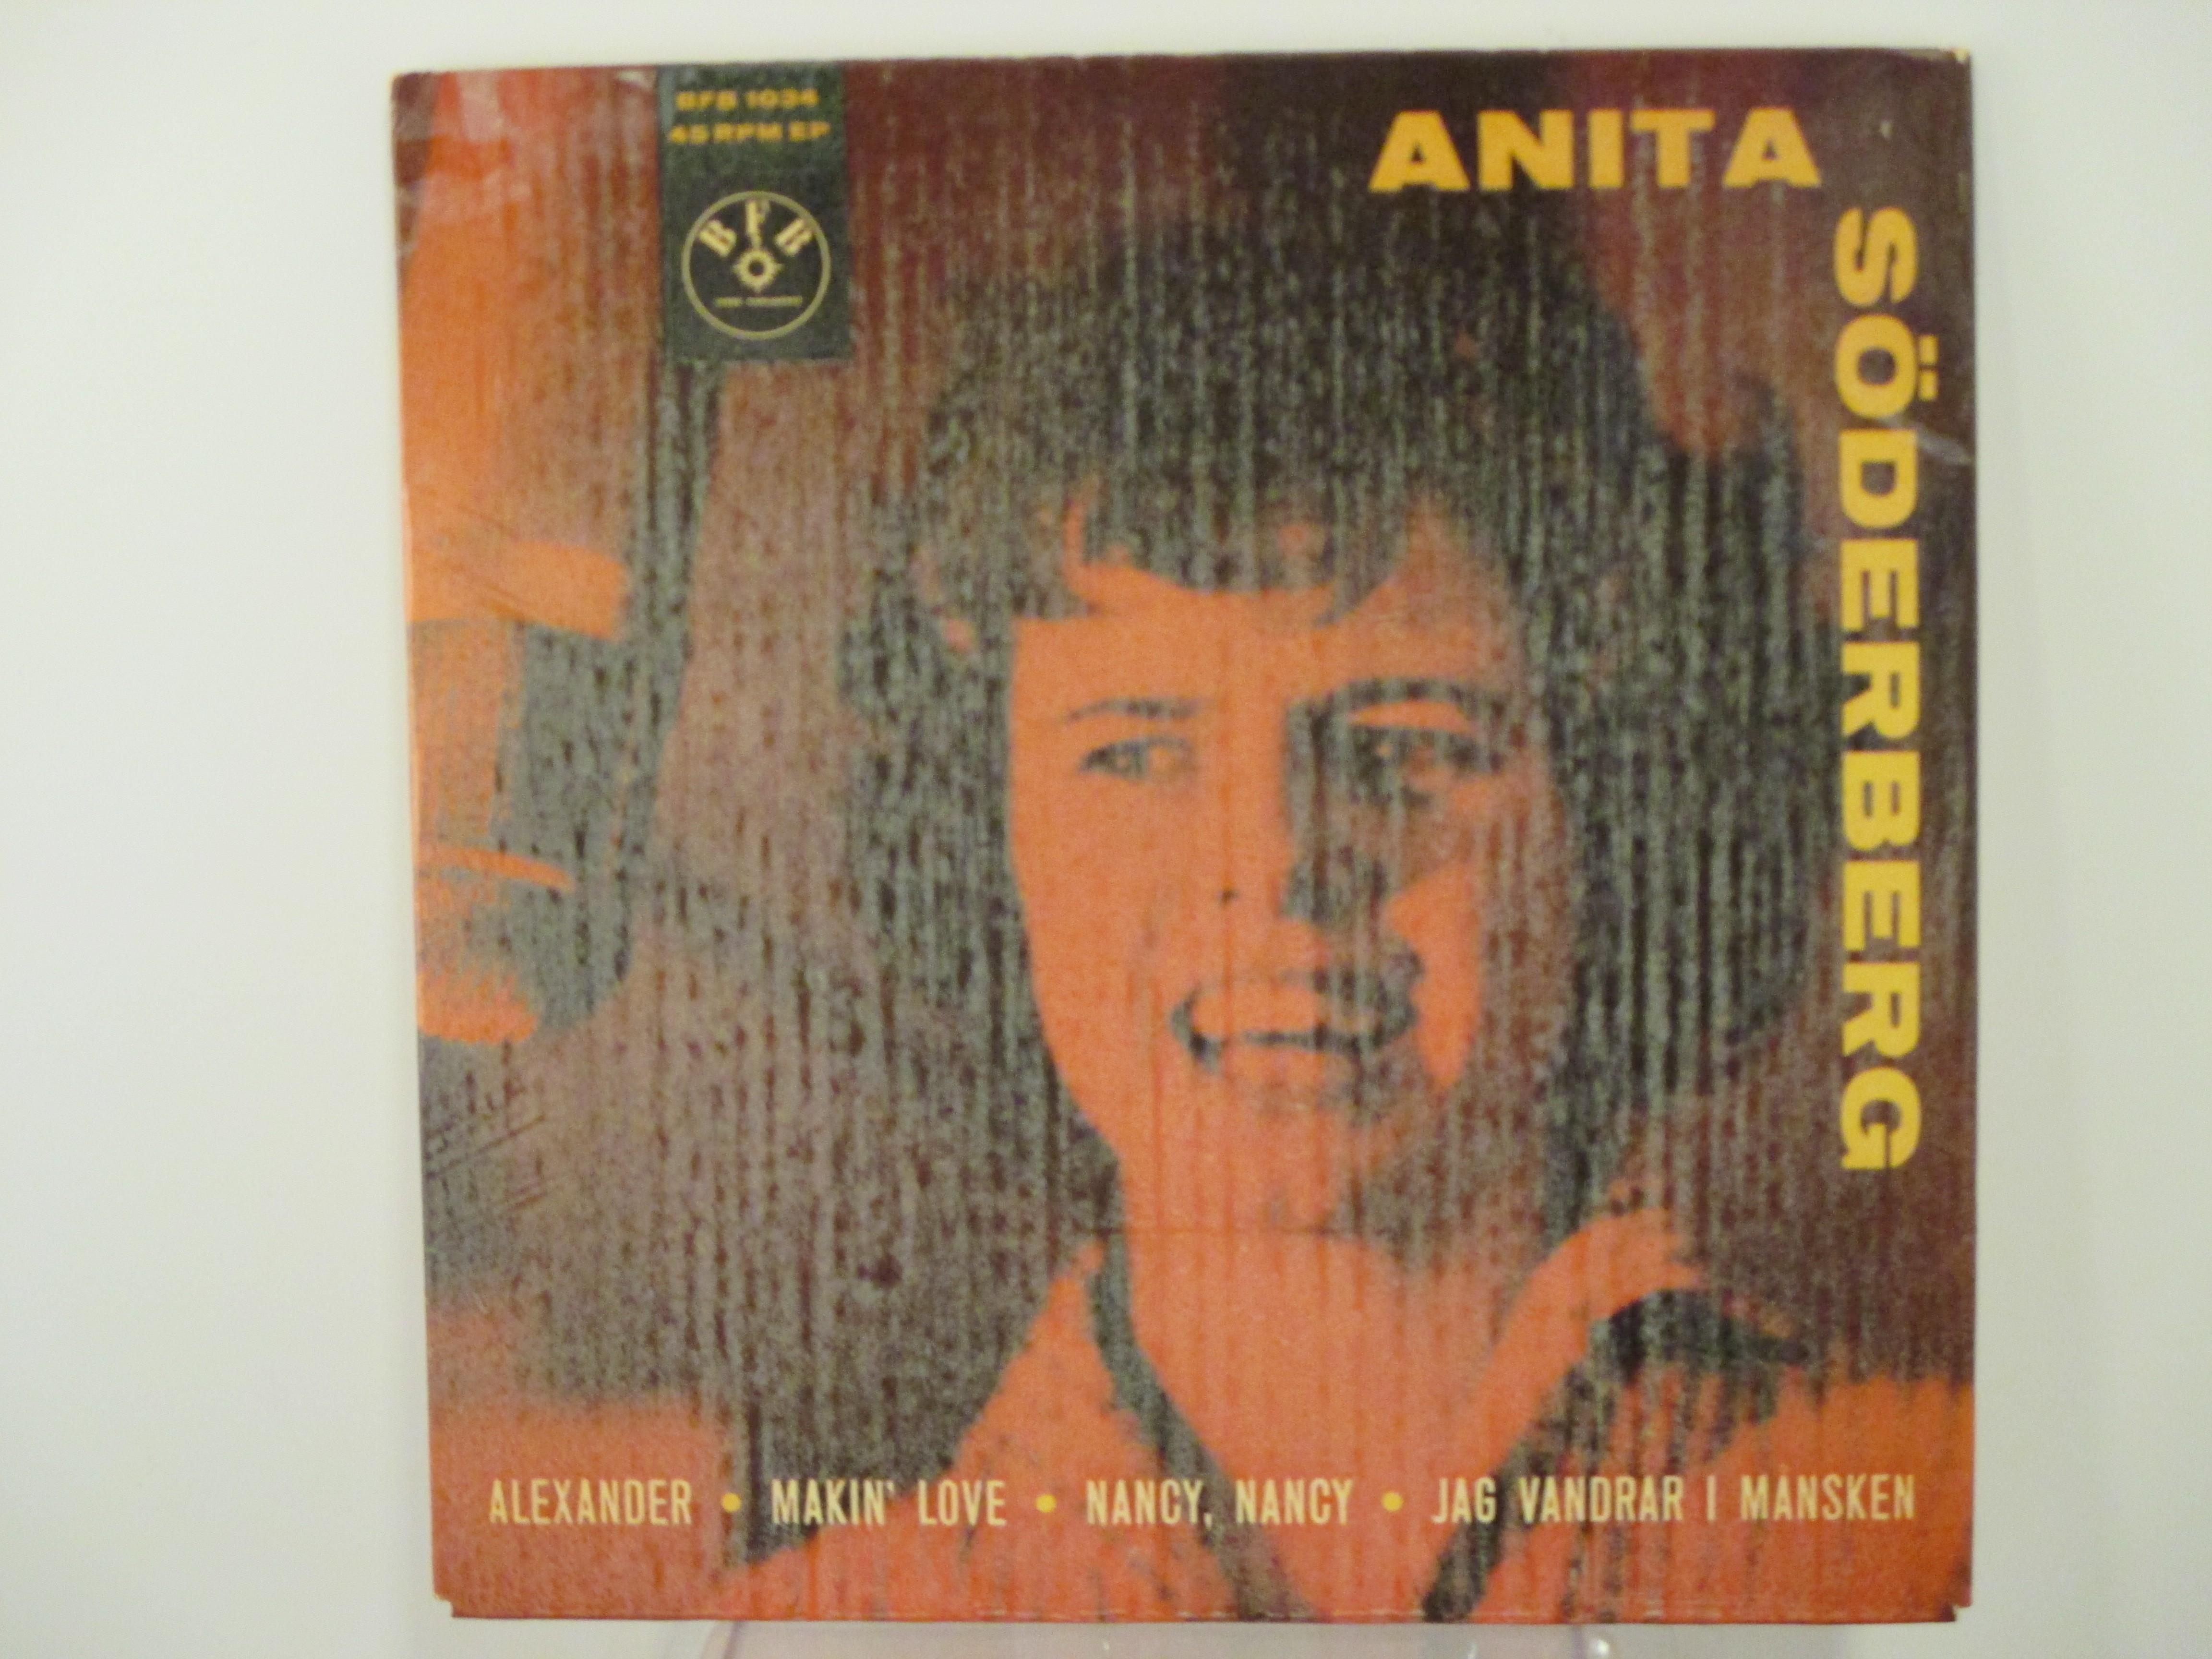 ANITA SÖDERBERG : (EP) Alexander / Makin' love / Nancy, Nancy / Jag vandrar i månsken